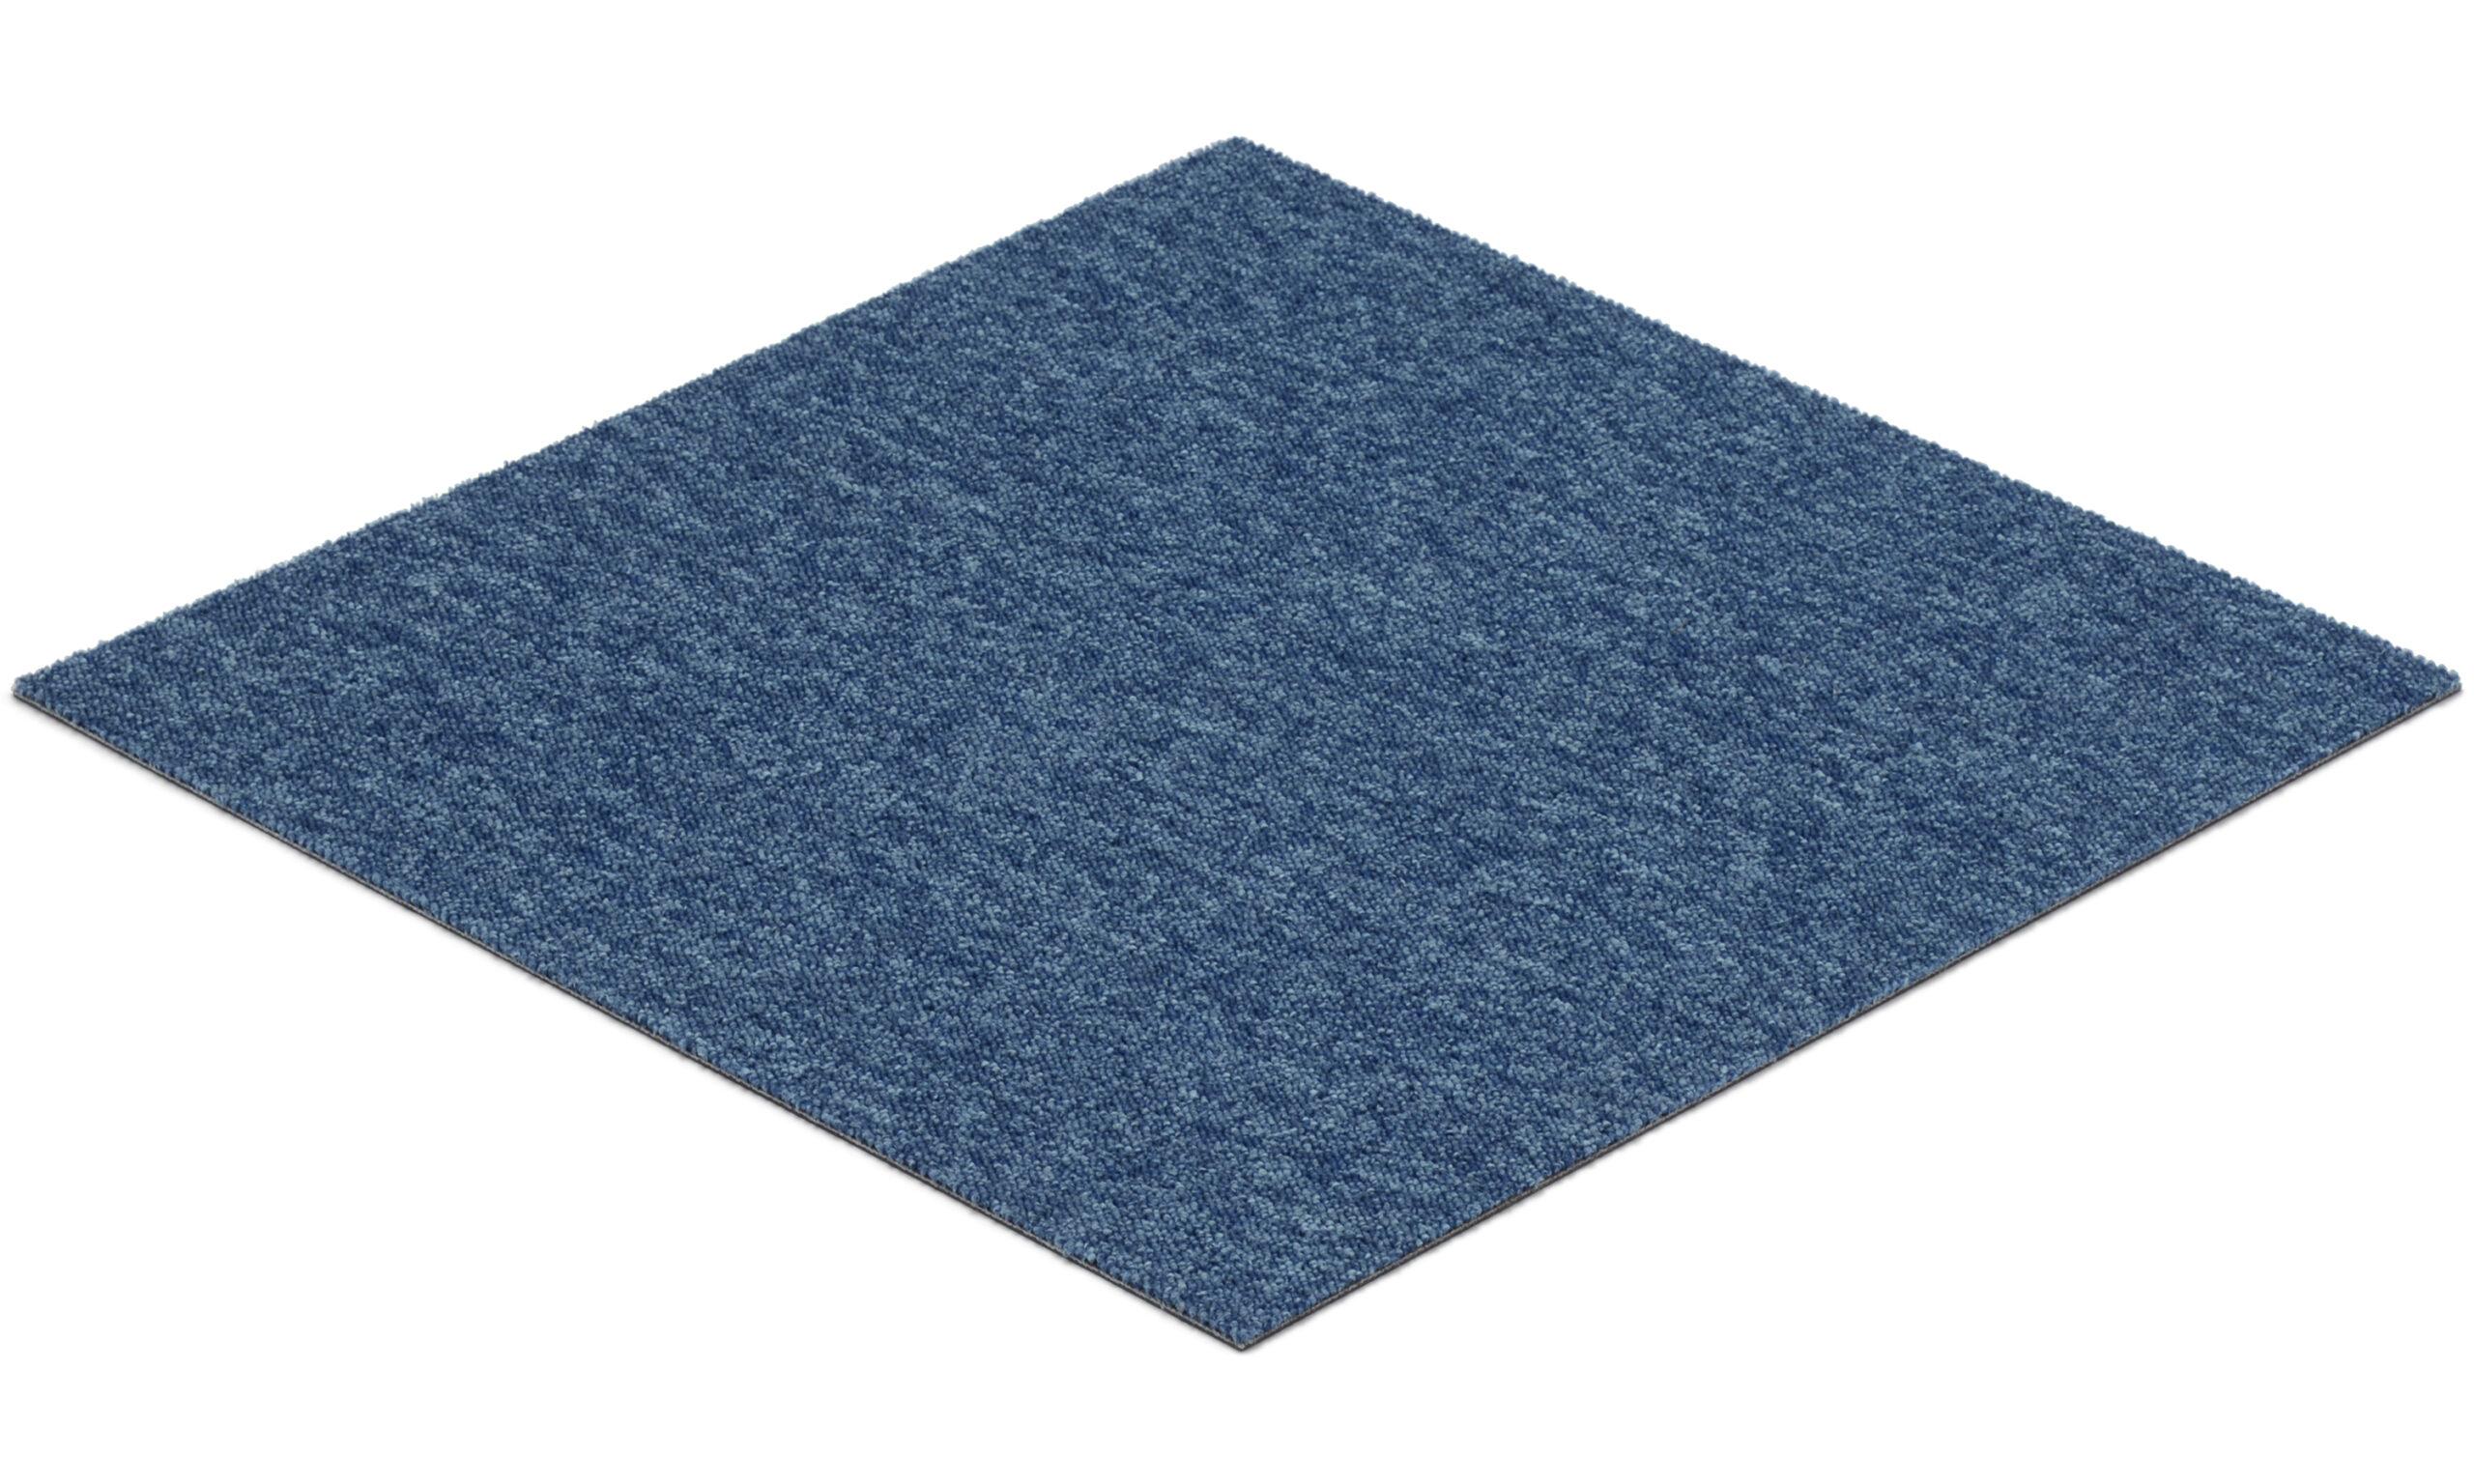 Quebec blå - teppeflis